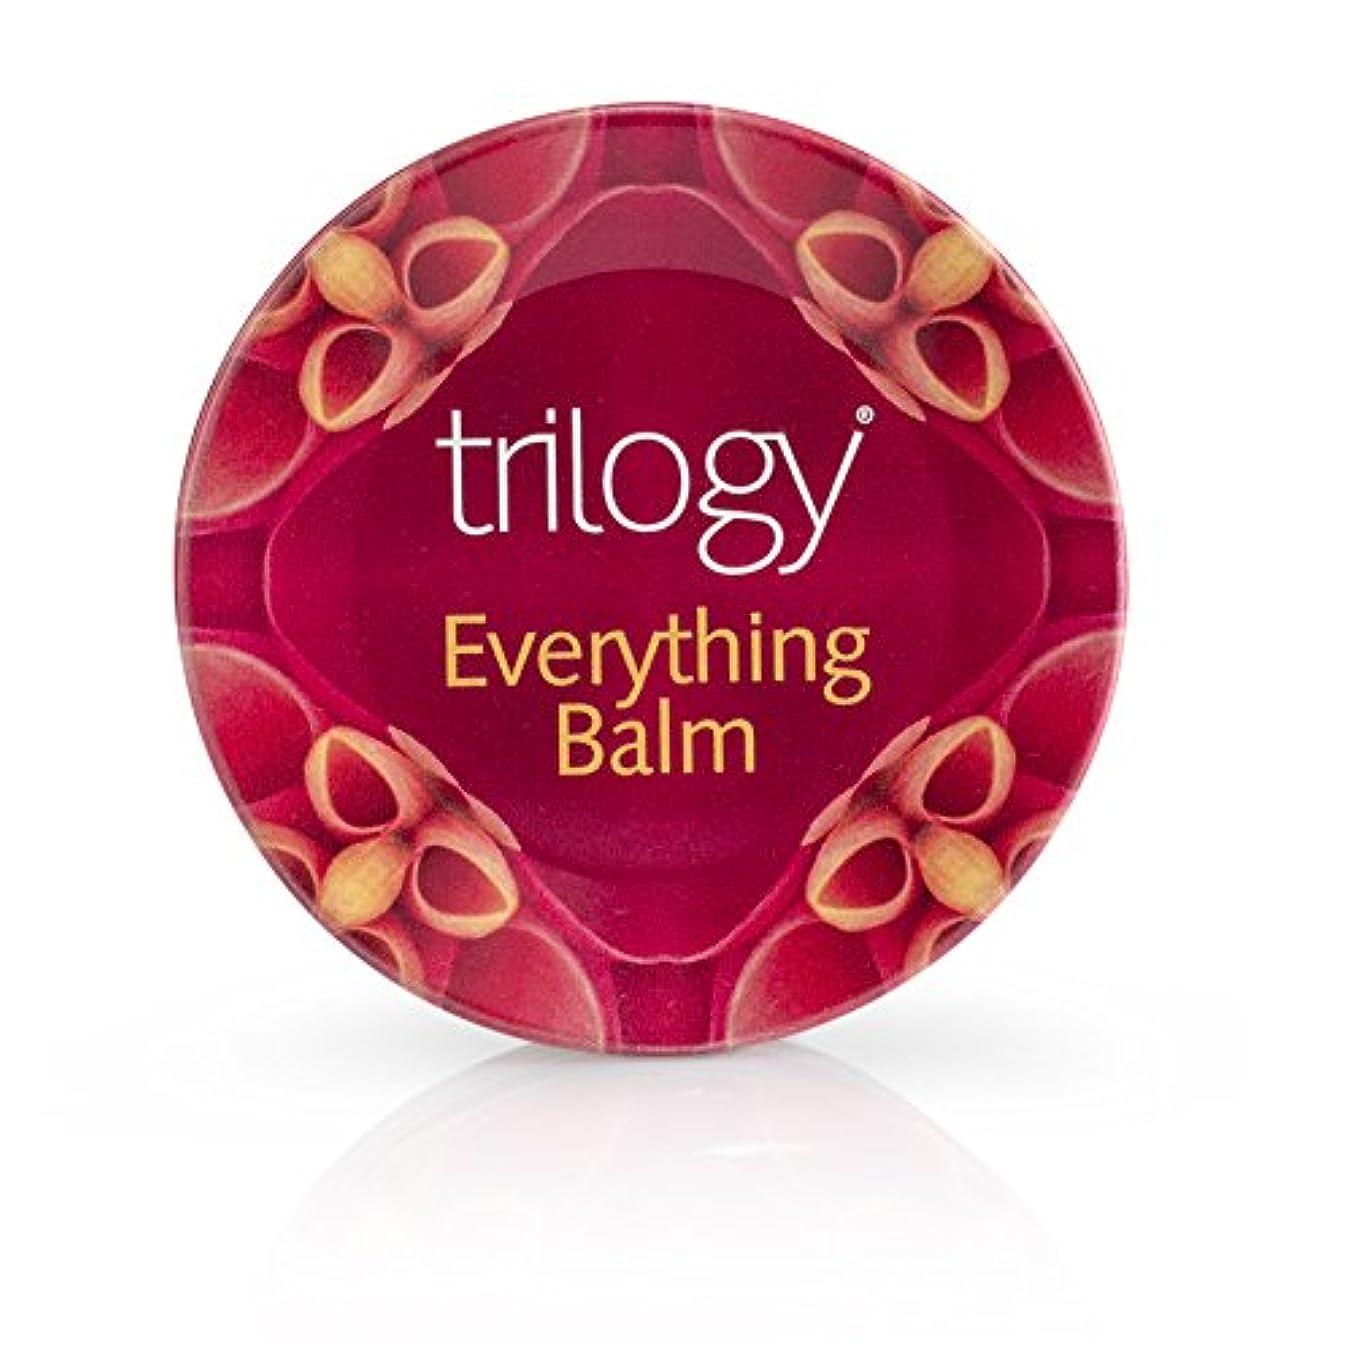 突然の飼料消去トリロジー(trilogy) エブリシング バーム 〈全身用バーム〉 (95mL)